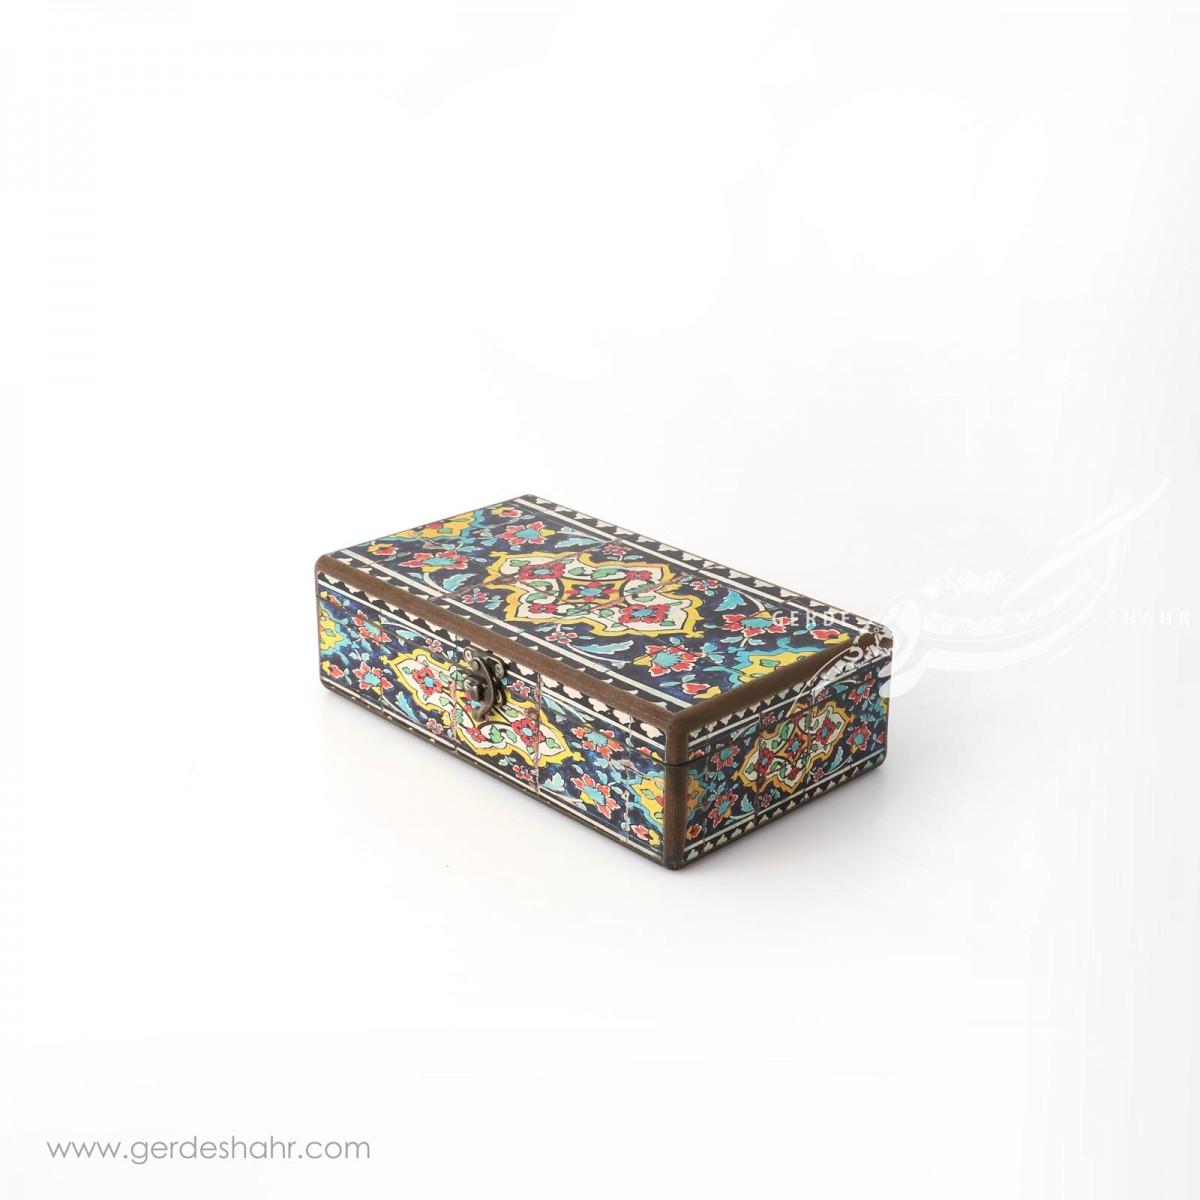 جعبه چوبی جاقاشقی نقش کاشی هفتگان جعبه و صندوقچه